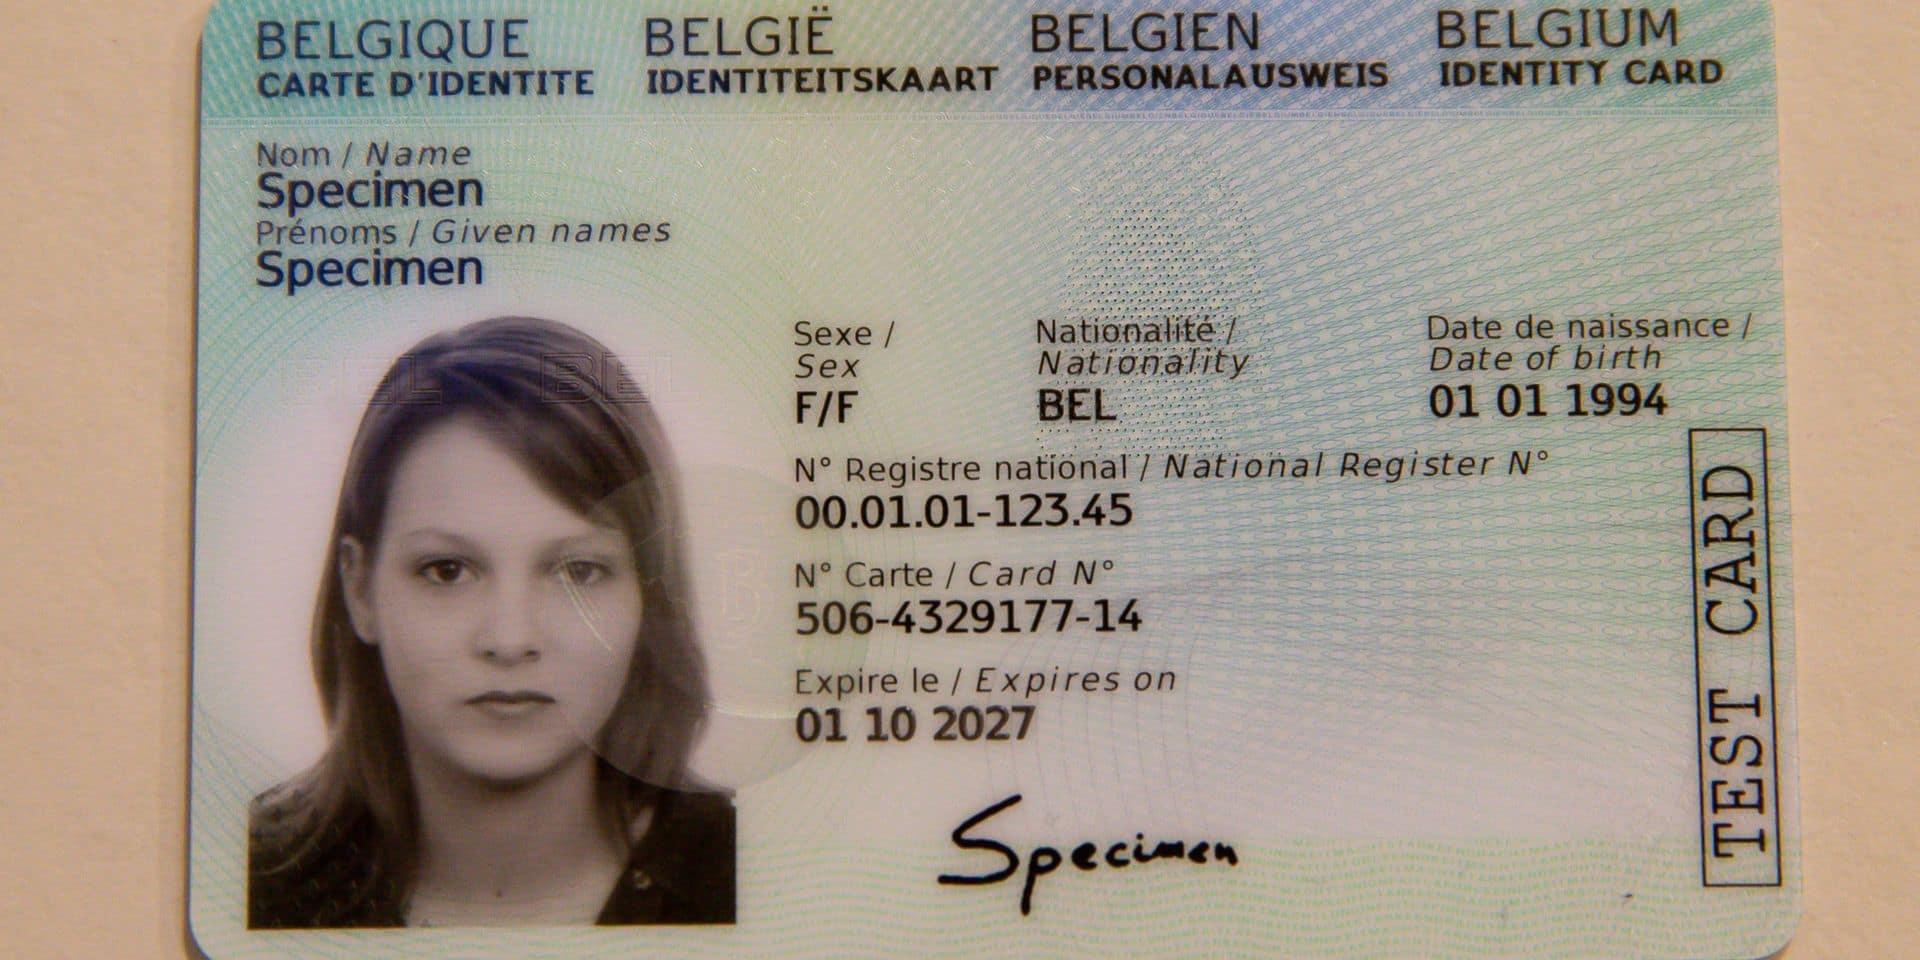 Les Nouvelles Cartes D Identite Seront Desormais Livrees Dans Toute La Belgique Dh Les Sports